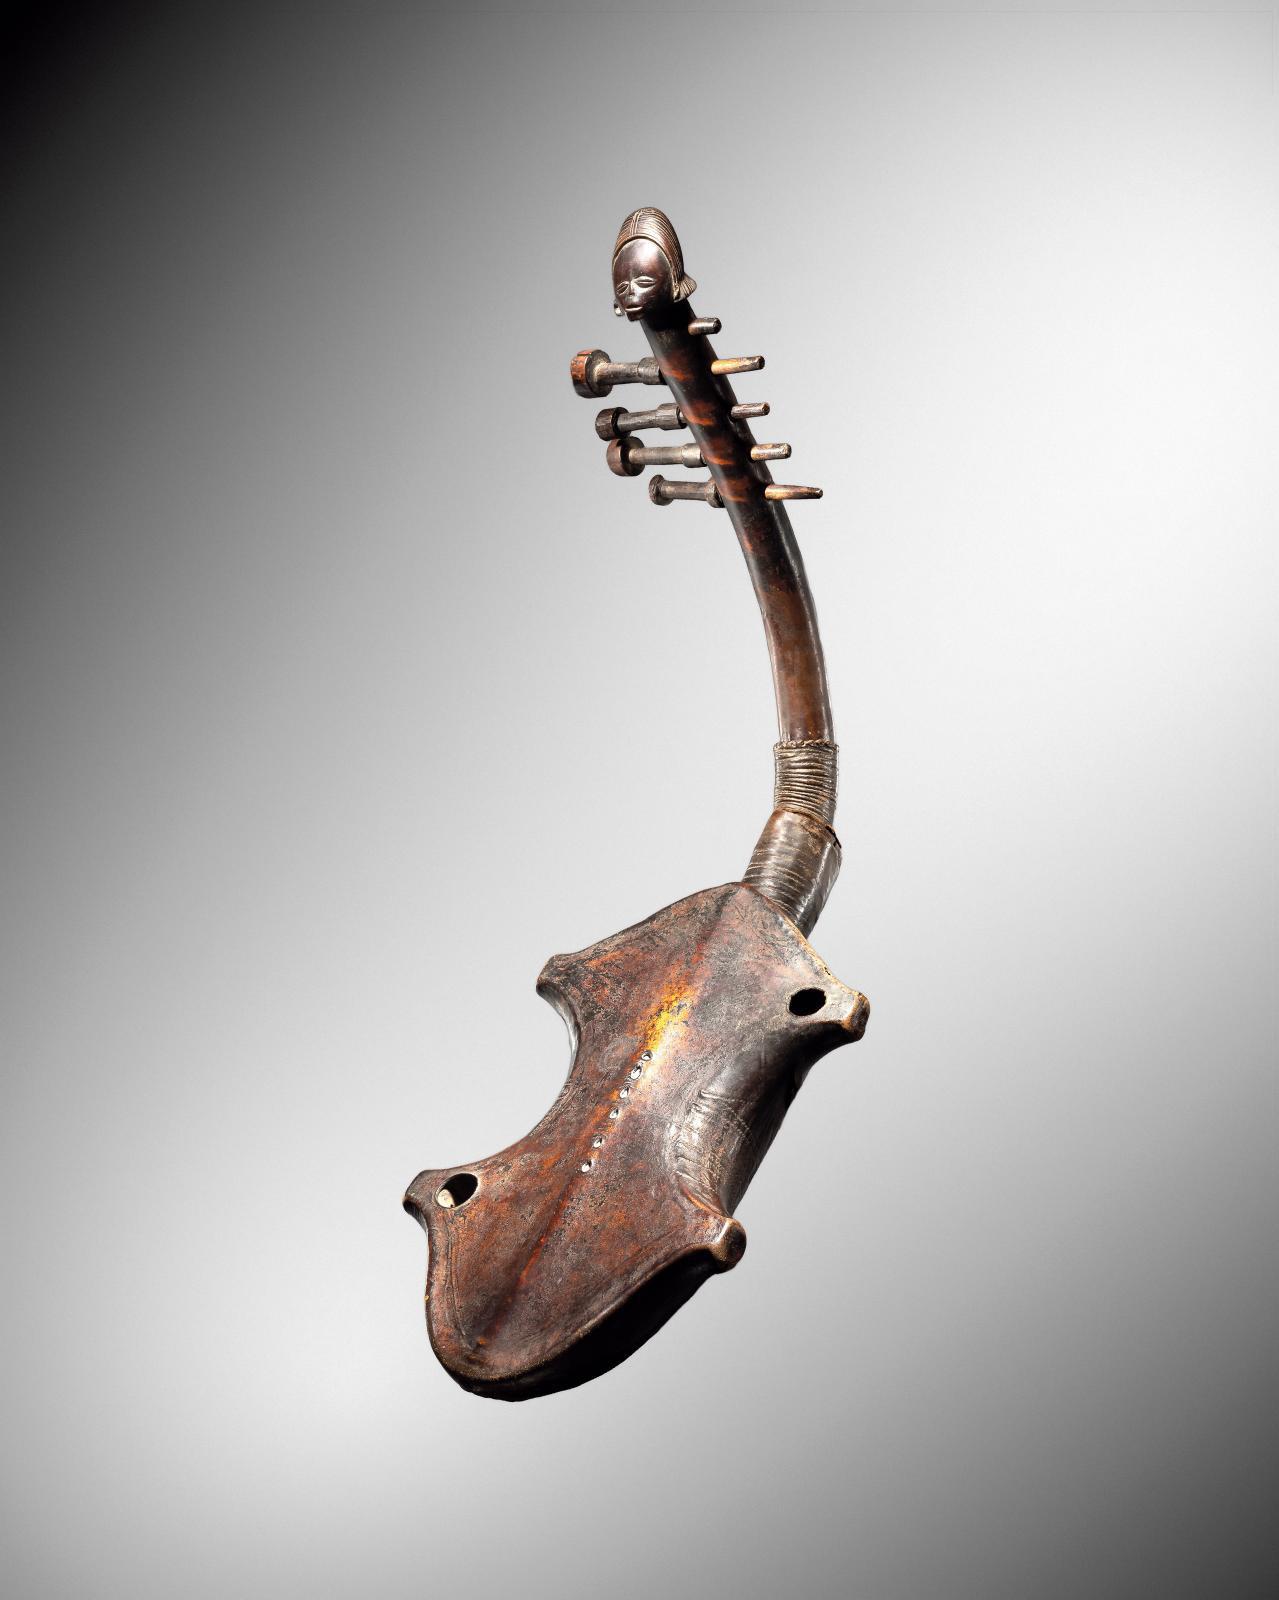 Harpe zandé, République démocratique du Congo, late 19th century-early 20th century, wood, skin, h. 63 cm/24.8 in. Galerie Bernard Dulon.©